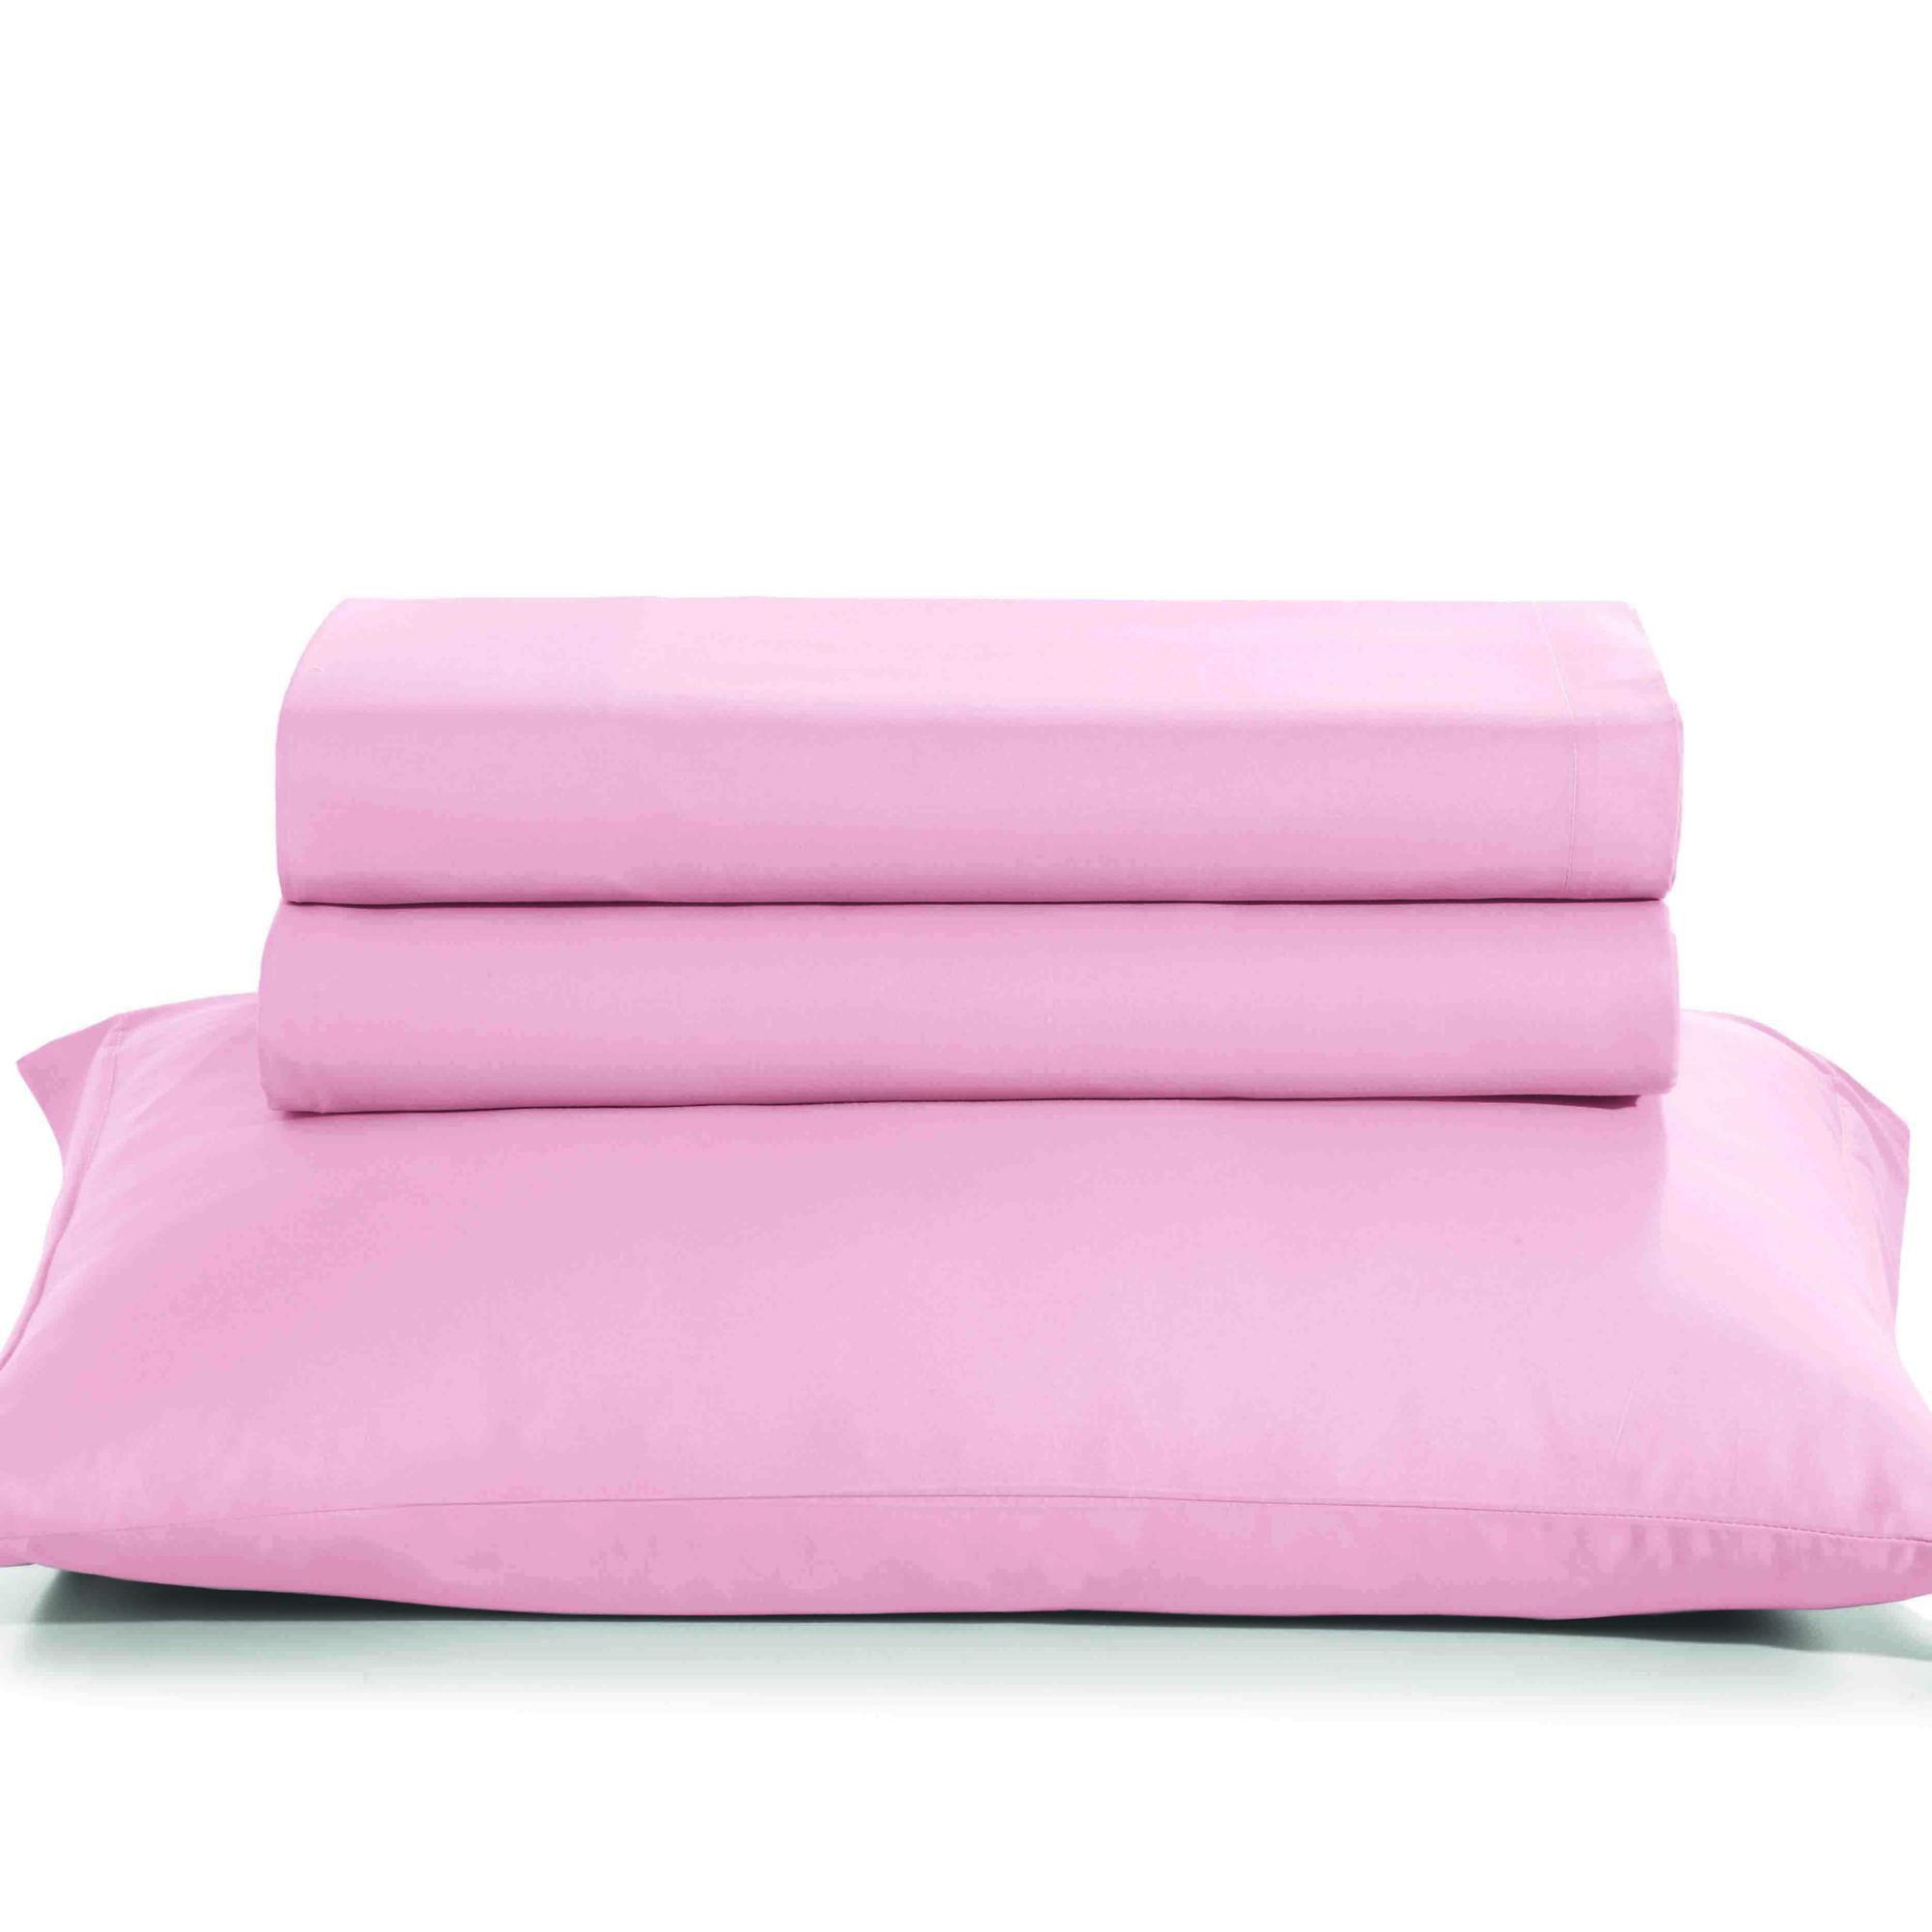 Fronha percal 180 fios artex total mix 50 cm x 70 cm 100% algodao rosa